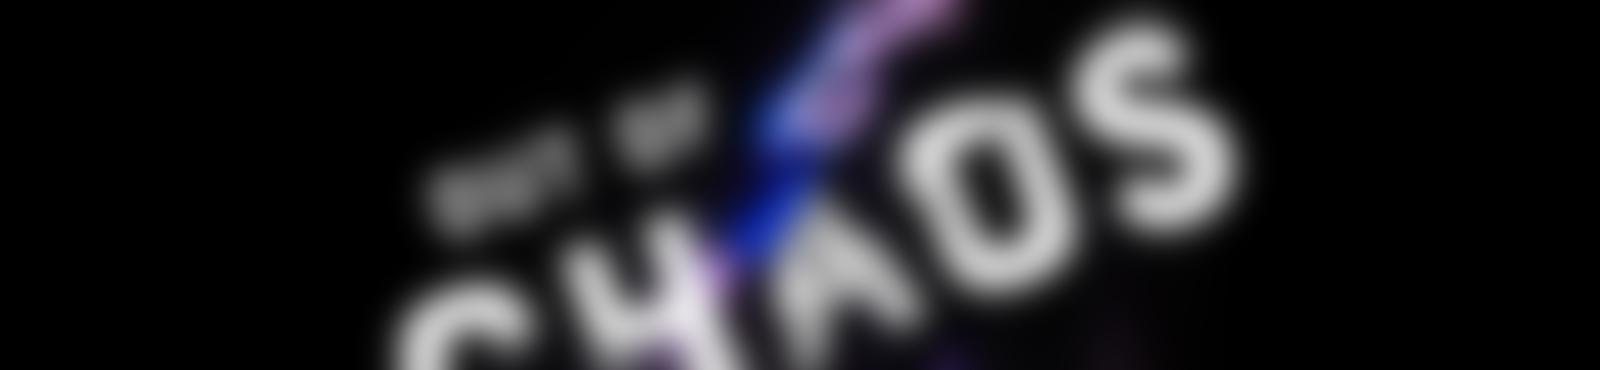 Blurred c758dcb8 00f2 40ca 99eb 9ec5f08a998d